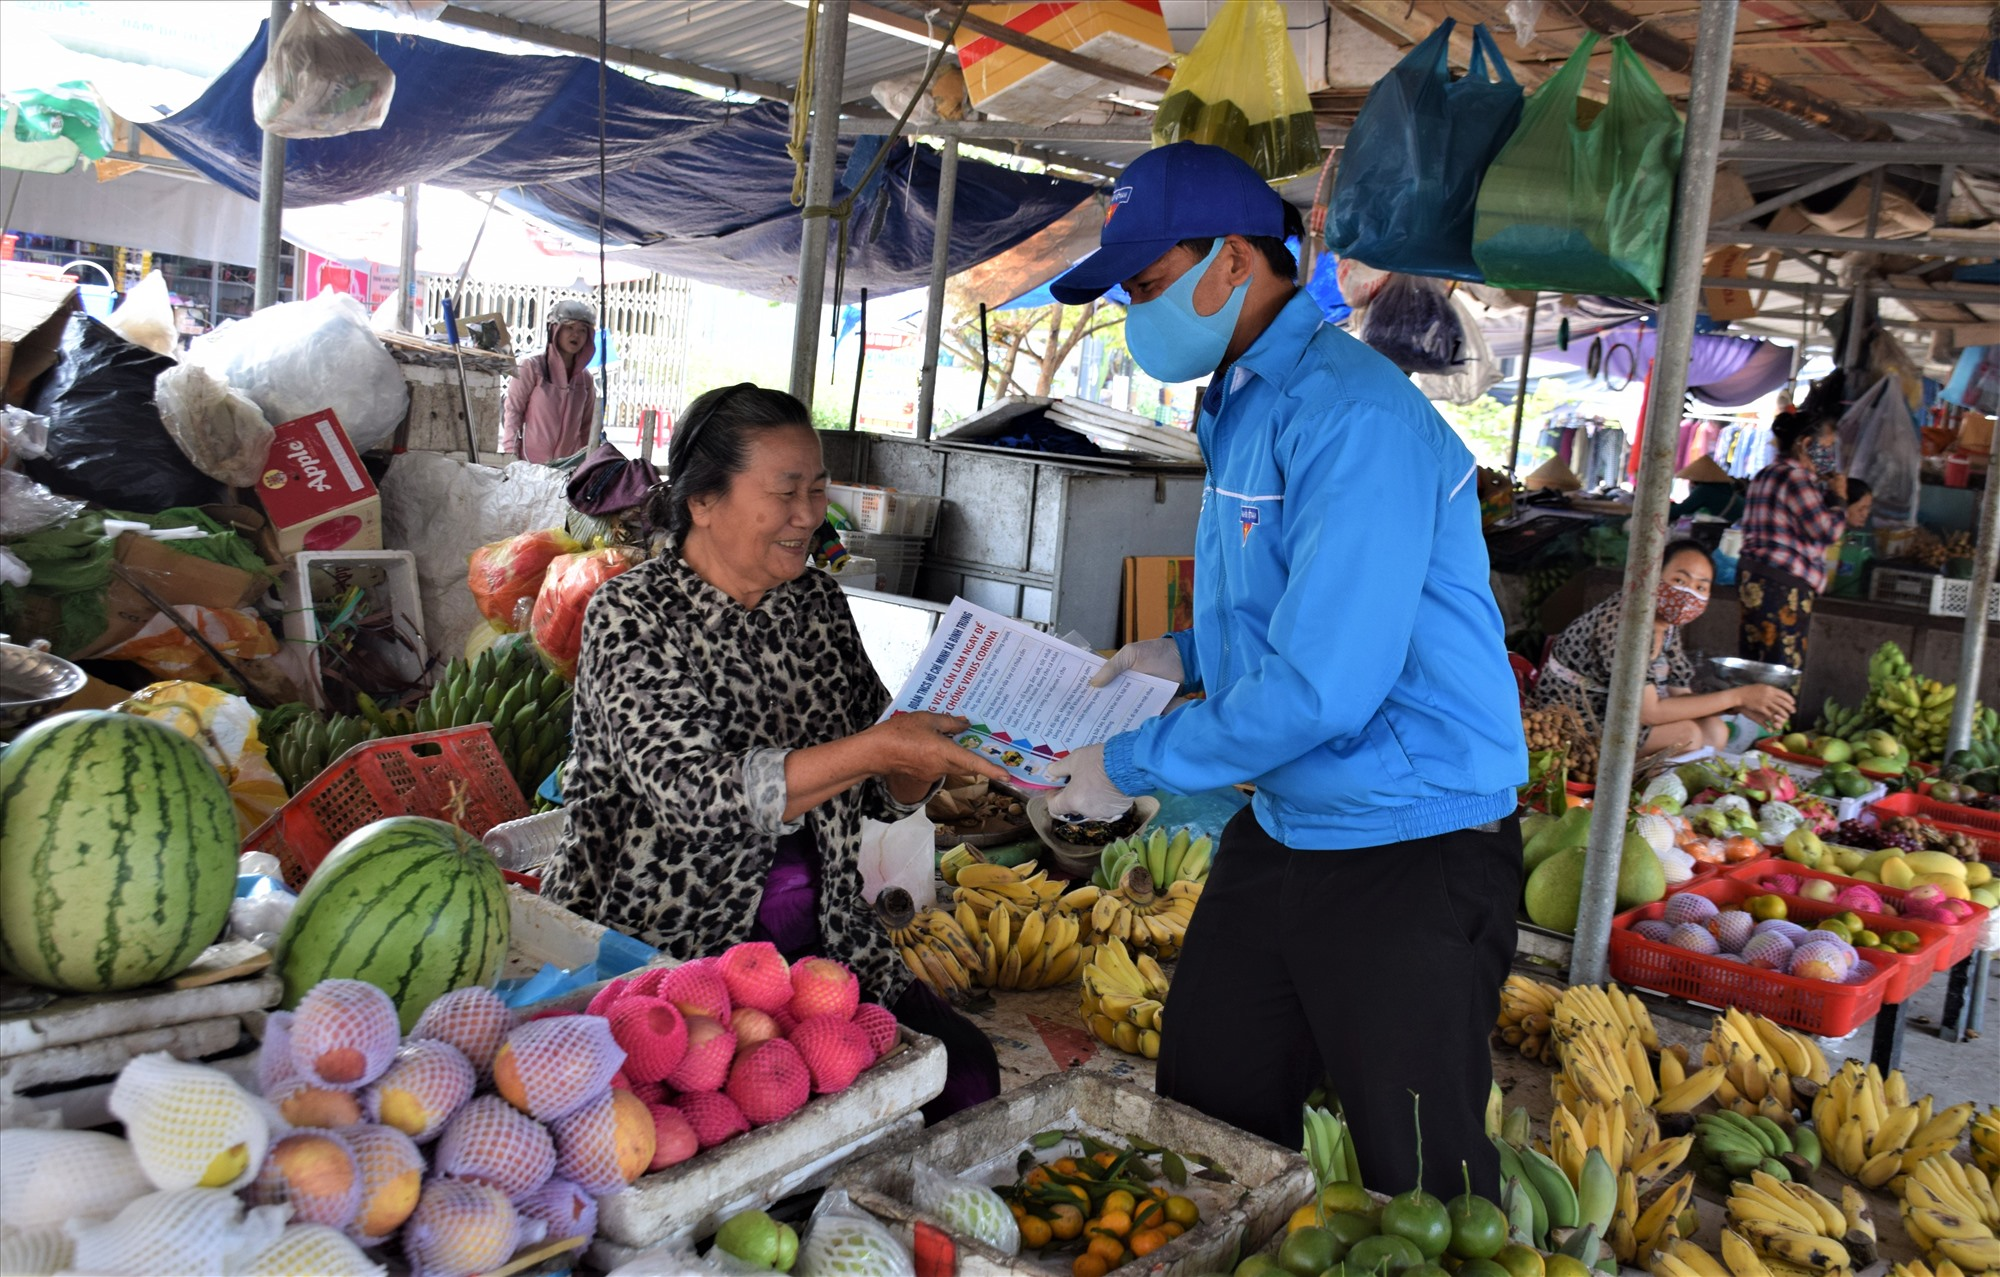 Cán bộ đoàn thanh niên xã Bình Trung, huyện Thăng Bình, phát tờ rơi và tuyên truyền cho tiểu thương tại chợ Kế Xuyên nên đeo khẩu trang tại những nơi công cộng hoặc đông người để phòng chống dịch bệnh Covid-19: Ảnh: THANH THẮNG